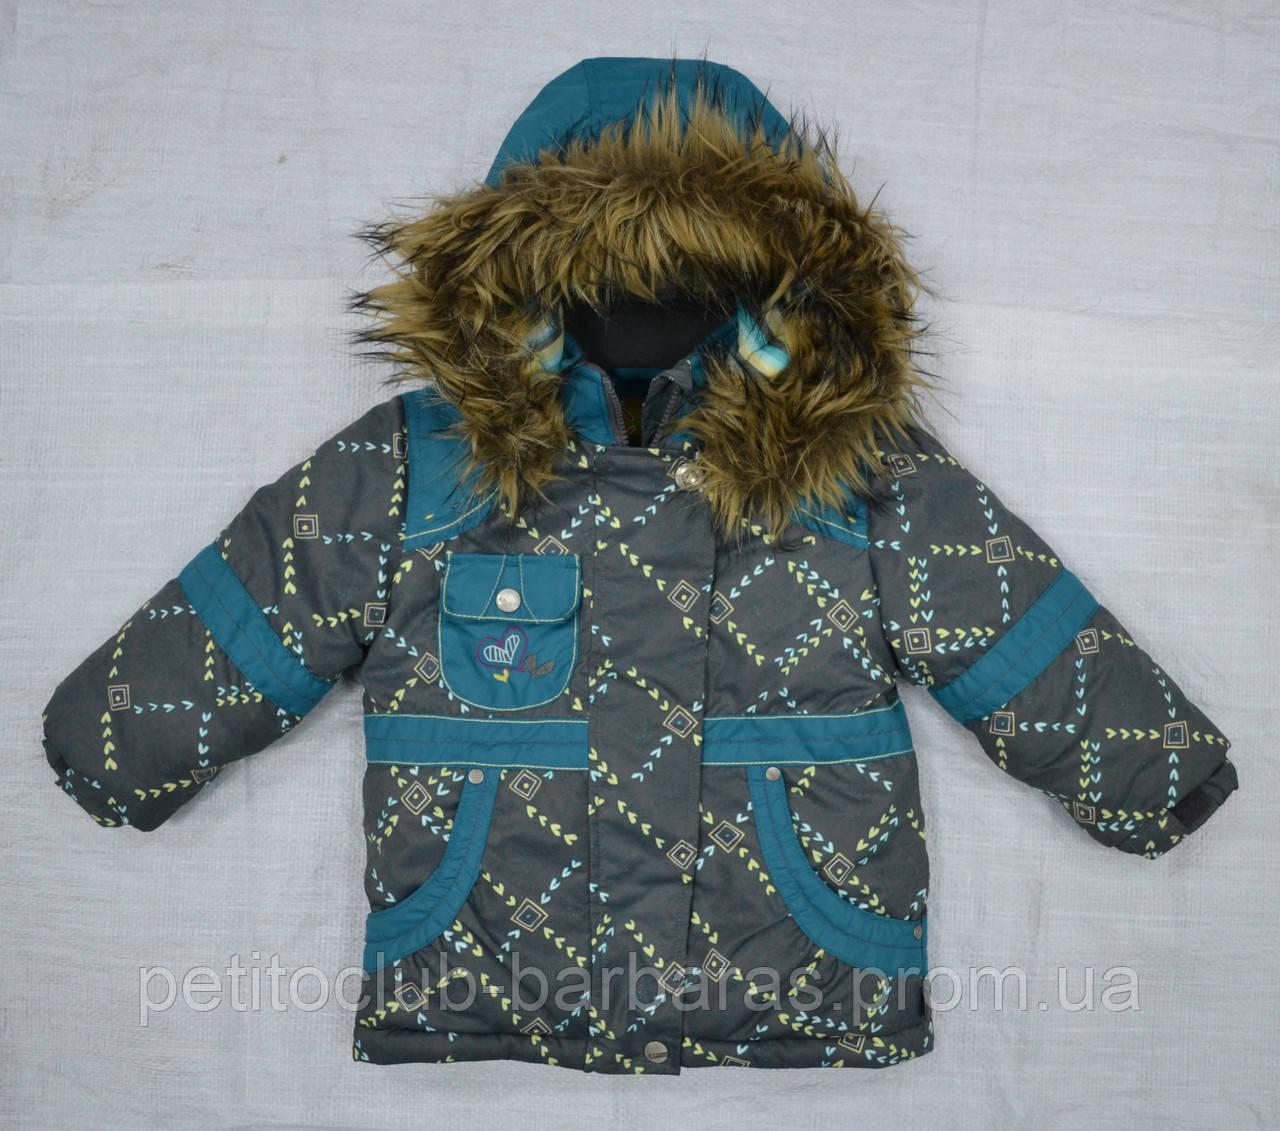 Куртка зимняя для девочки серо-зеленая (QuadriFoglio, Польша)